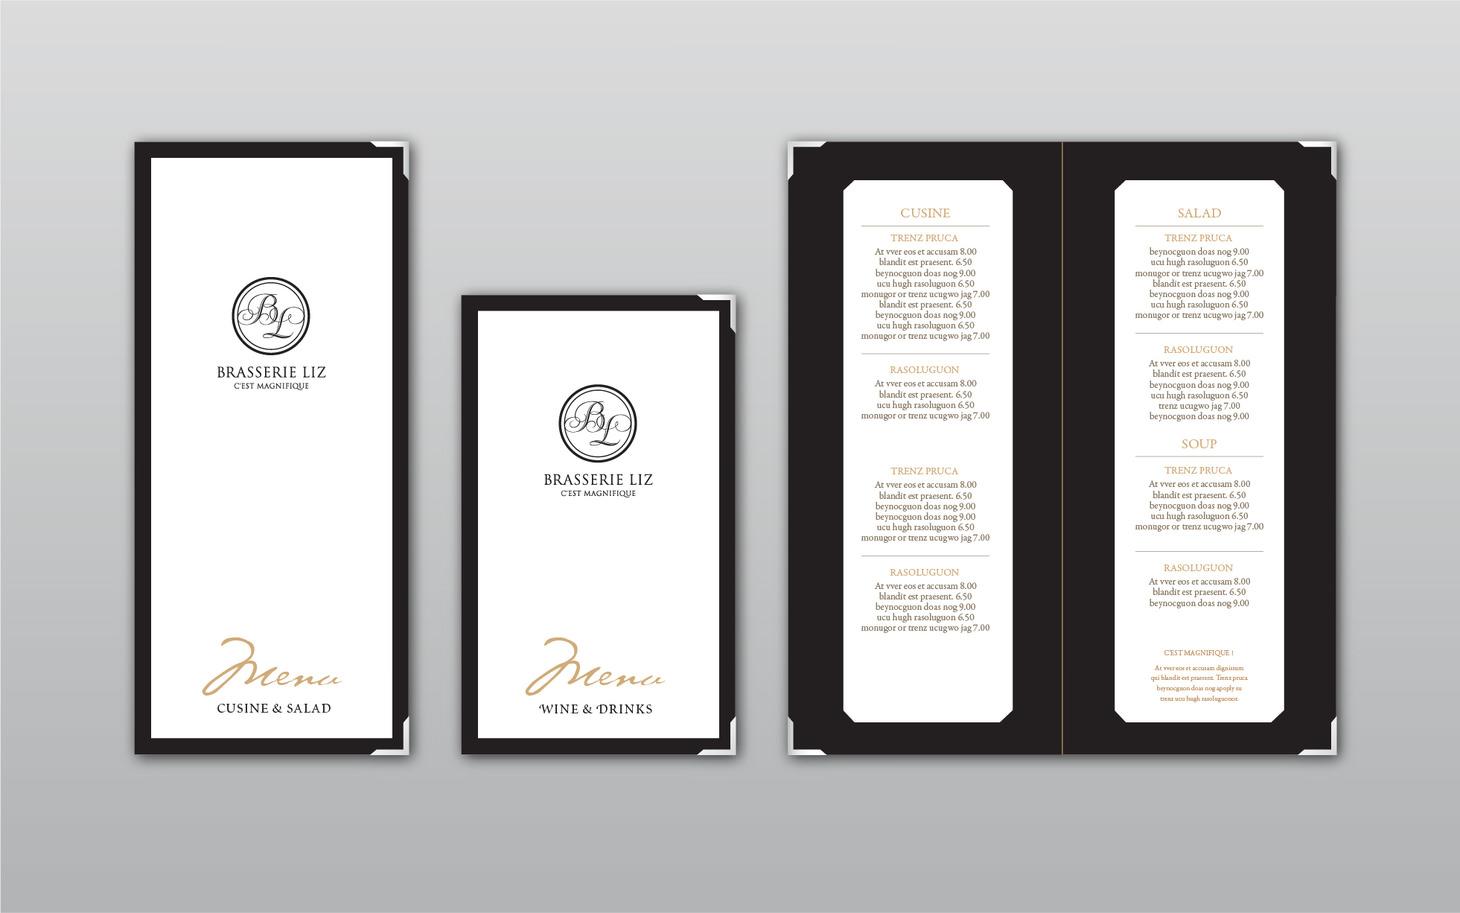 BrasserieLiz_Apps_01.jpg